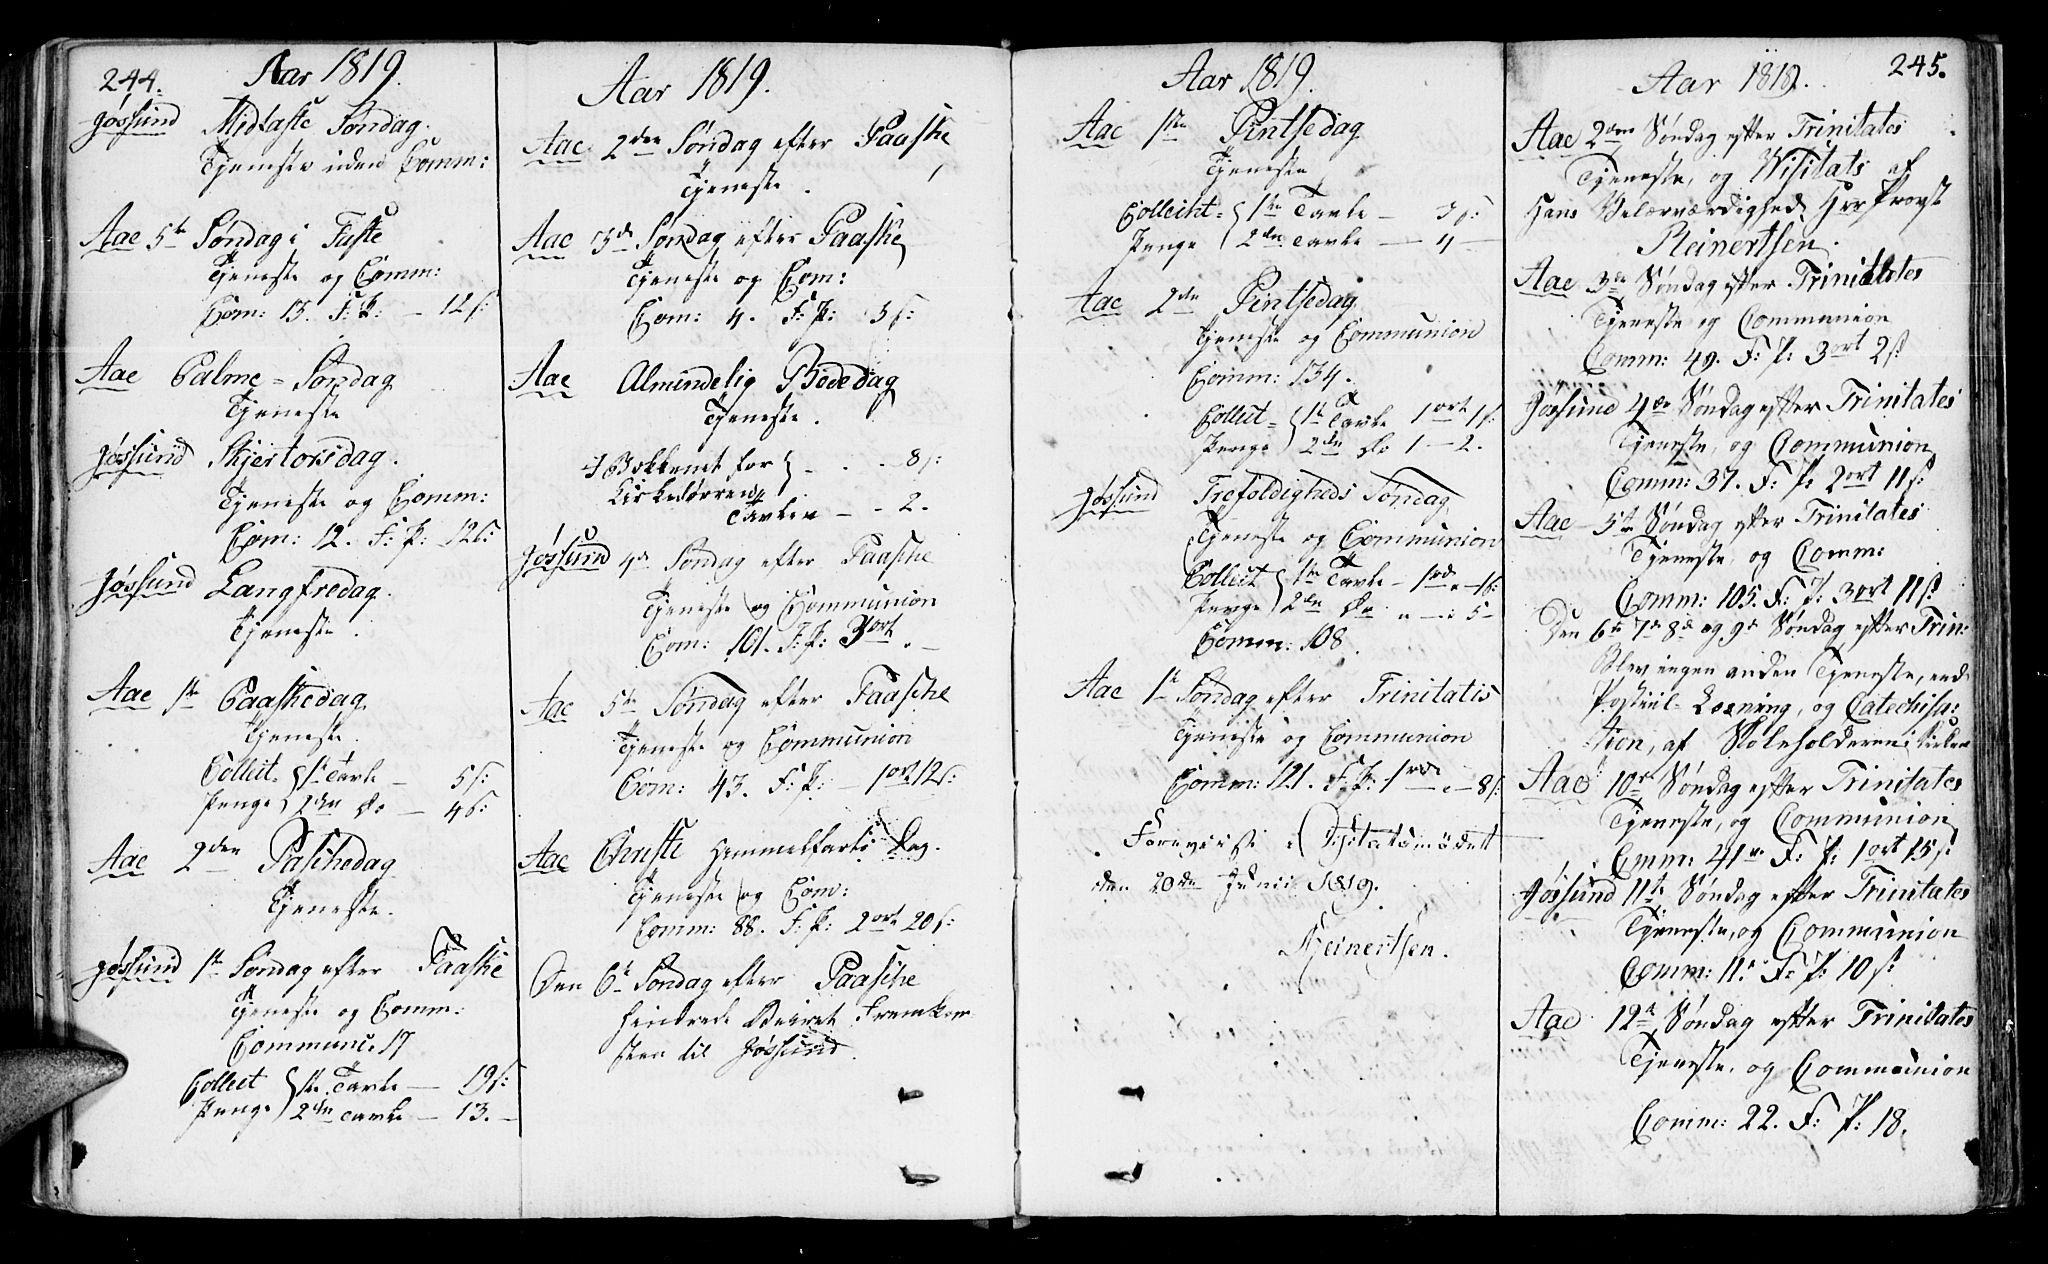 SAT, Ministerialprotokoller, klokkerbøker og fødselsregistre - Sør-Trøndelag, 655/L0674: Ministerialbok nr. 655A03, 1802-1826, s. 244-245